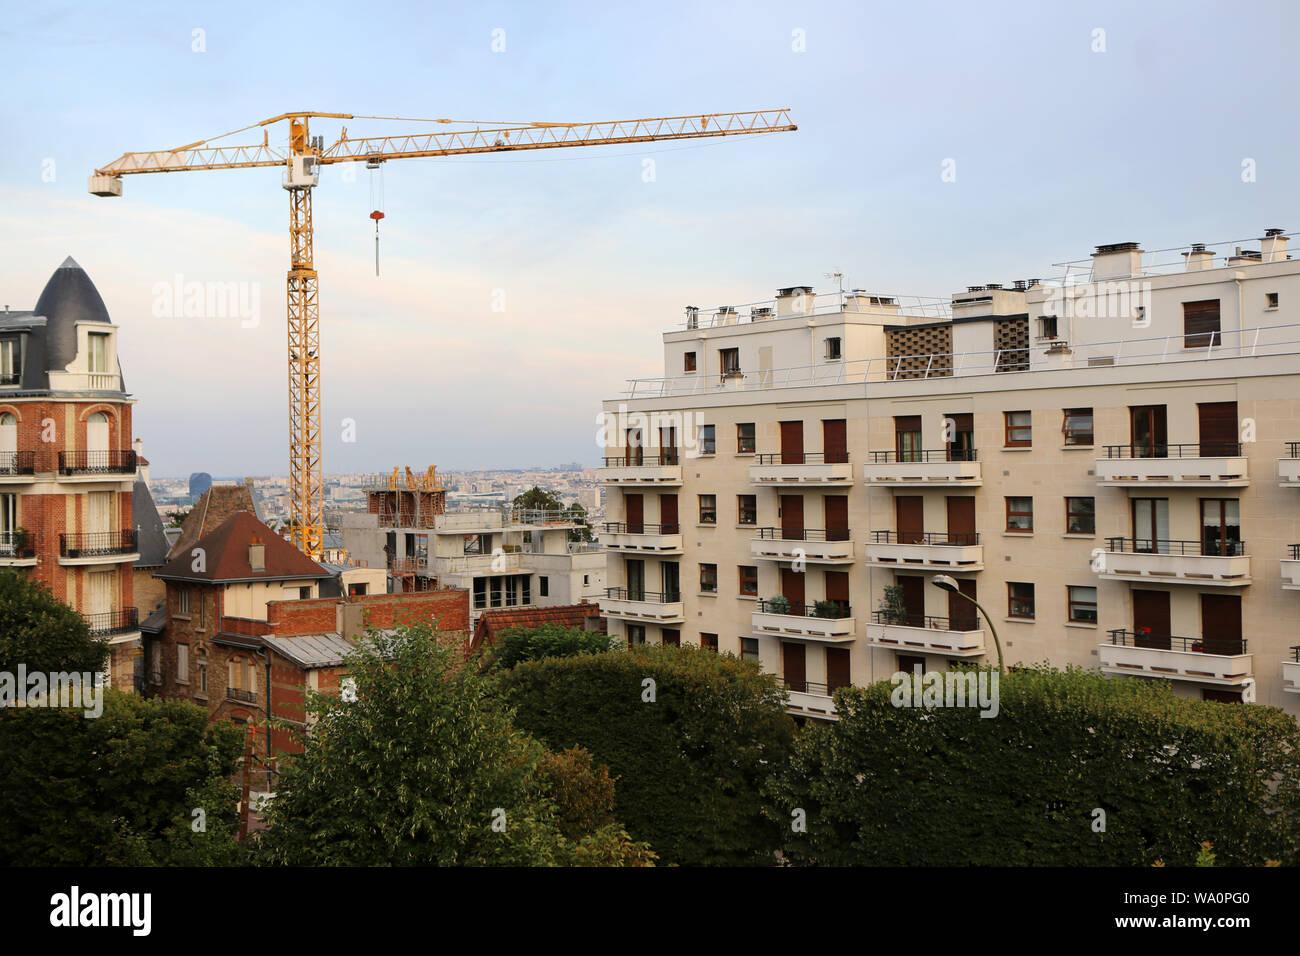 Chantier de construction d'un immeuble. / Construction site of a building. Stock Photo